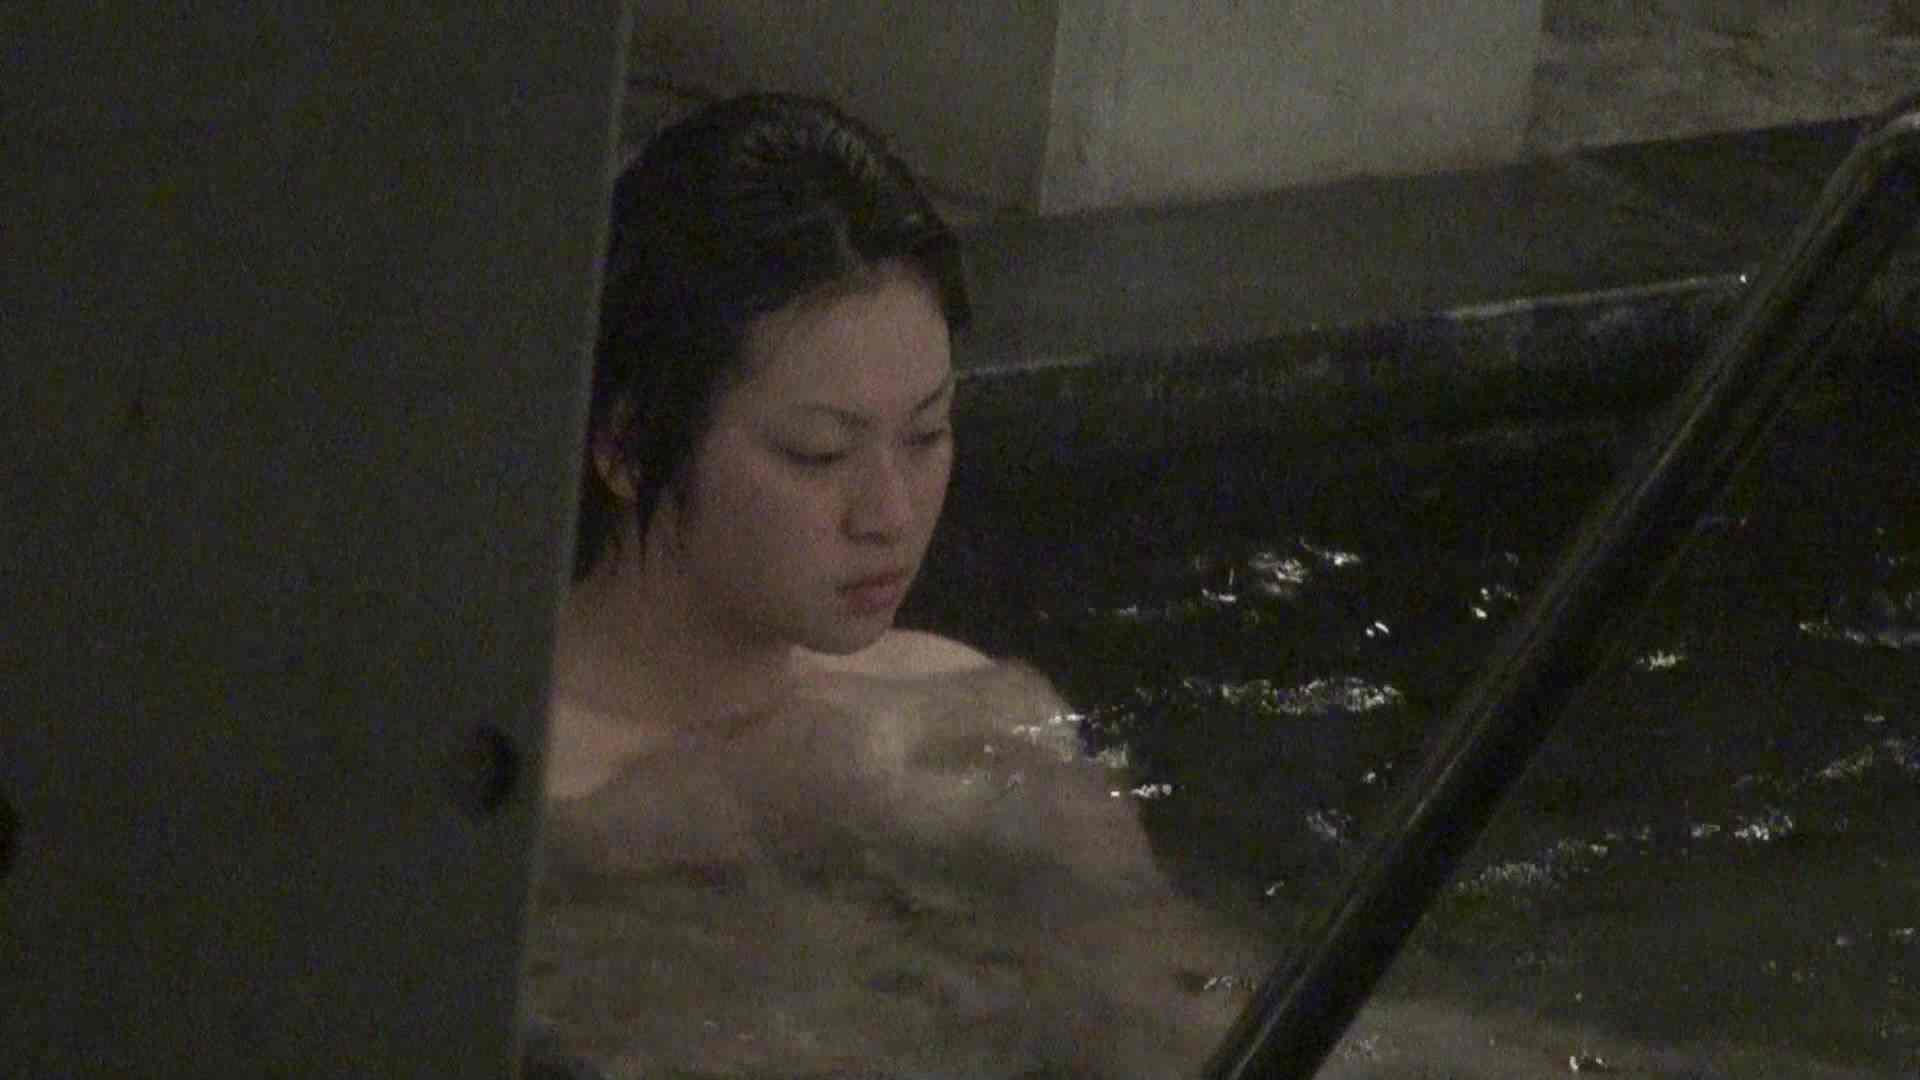 Aquaな露天風呂Vol.338 0  101pic 95